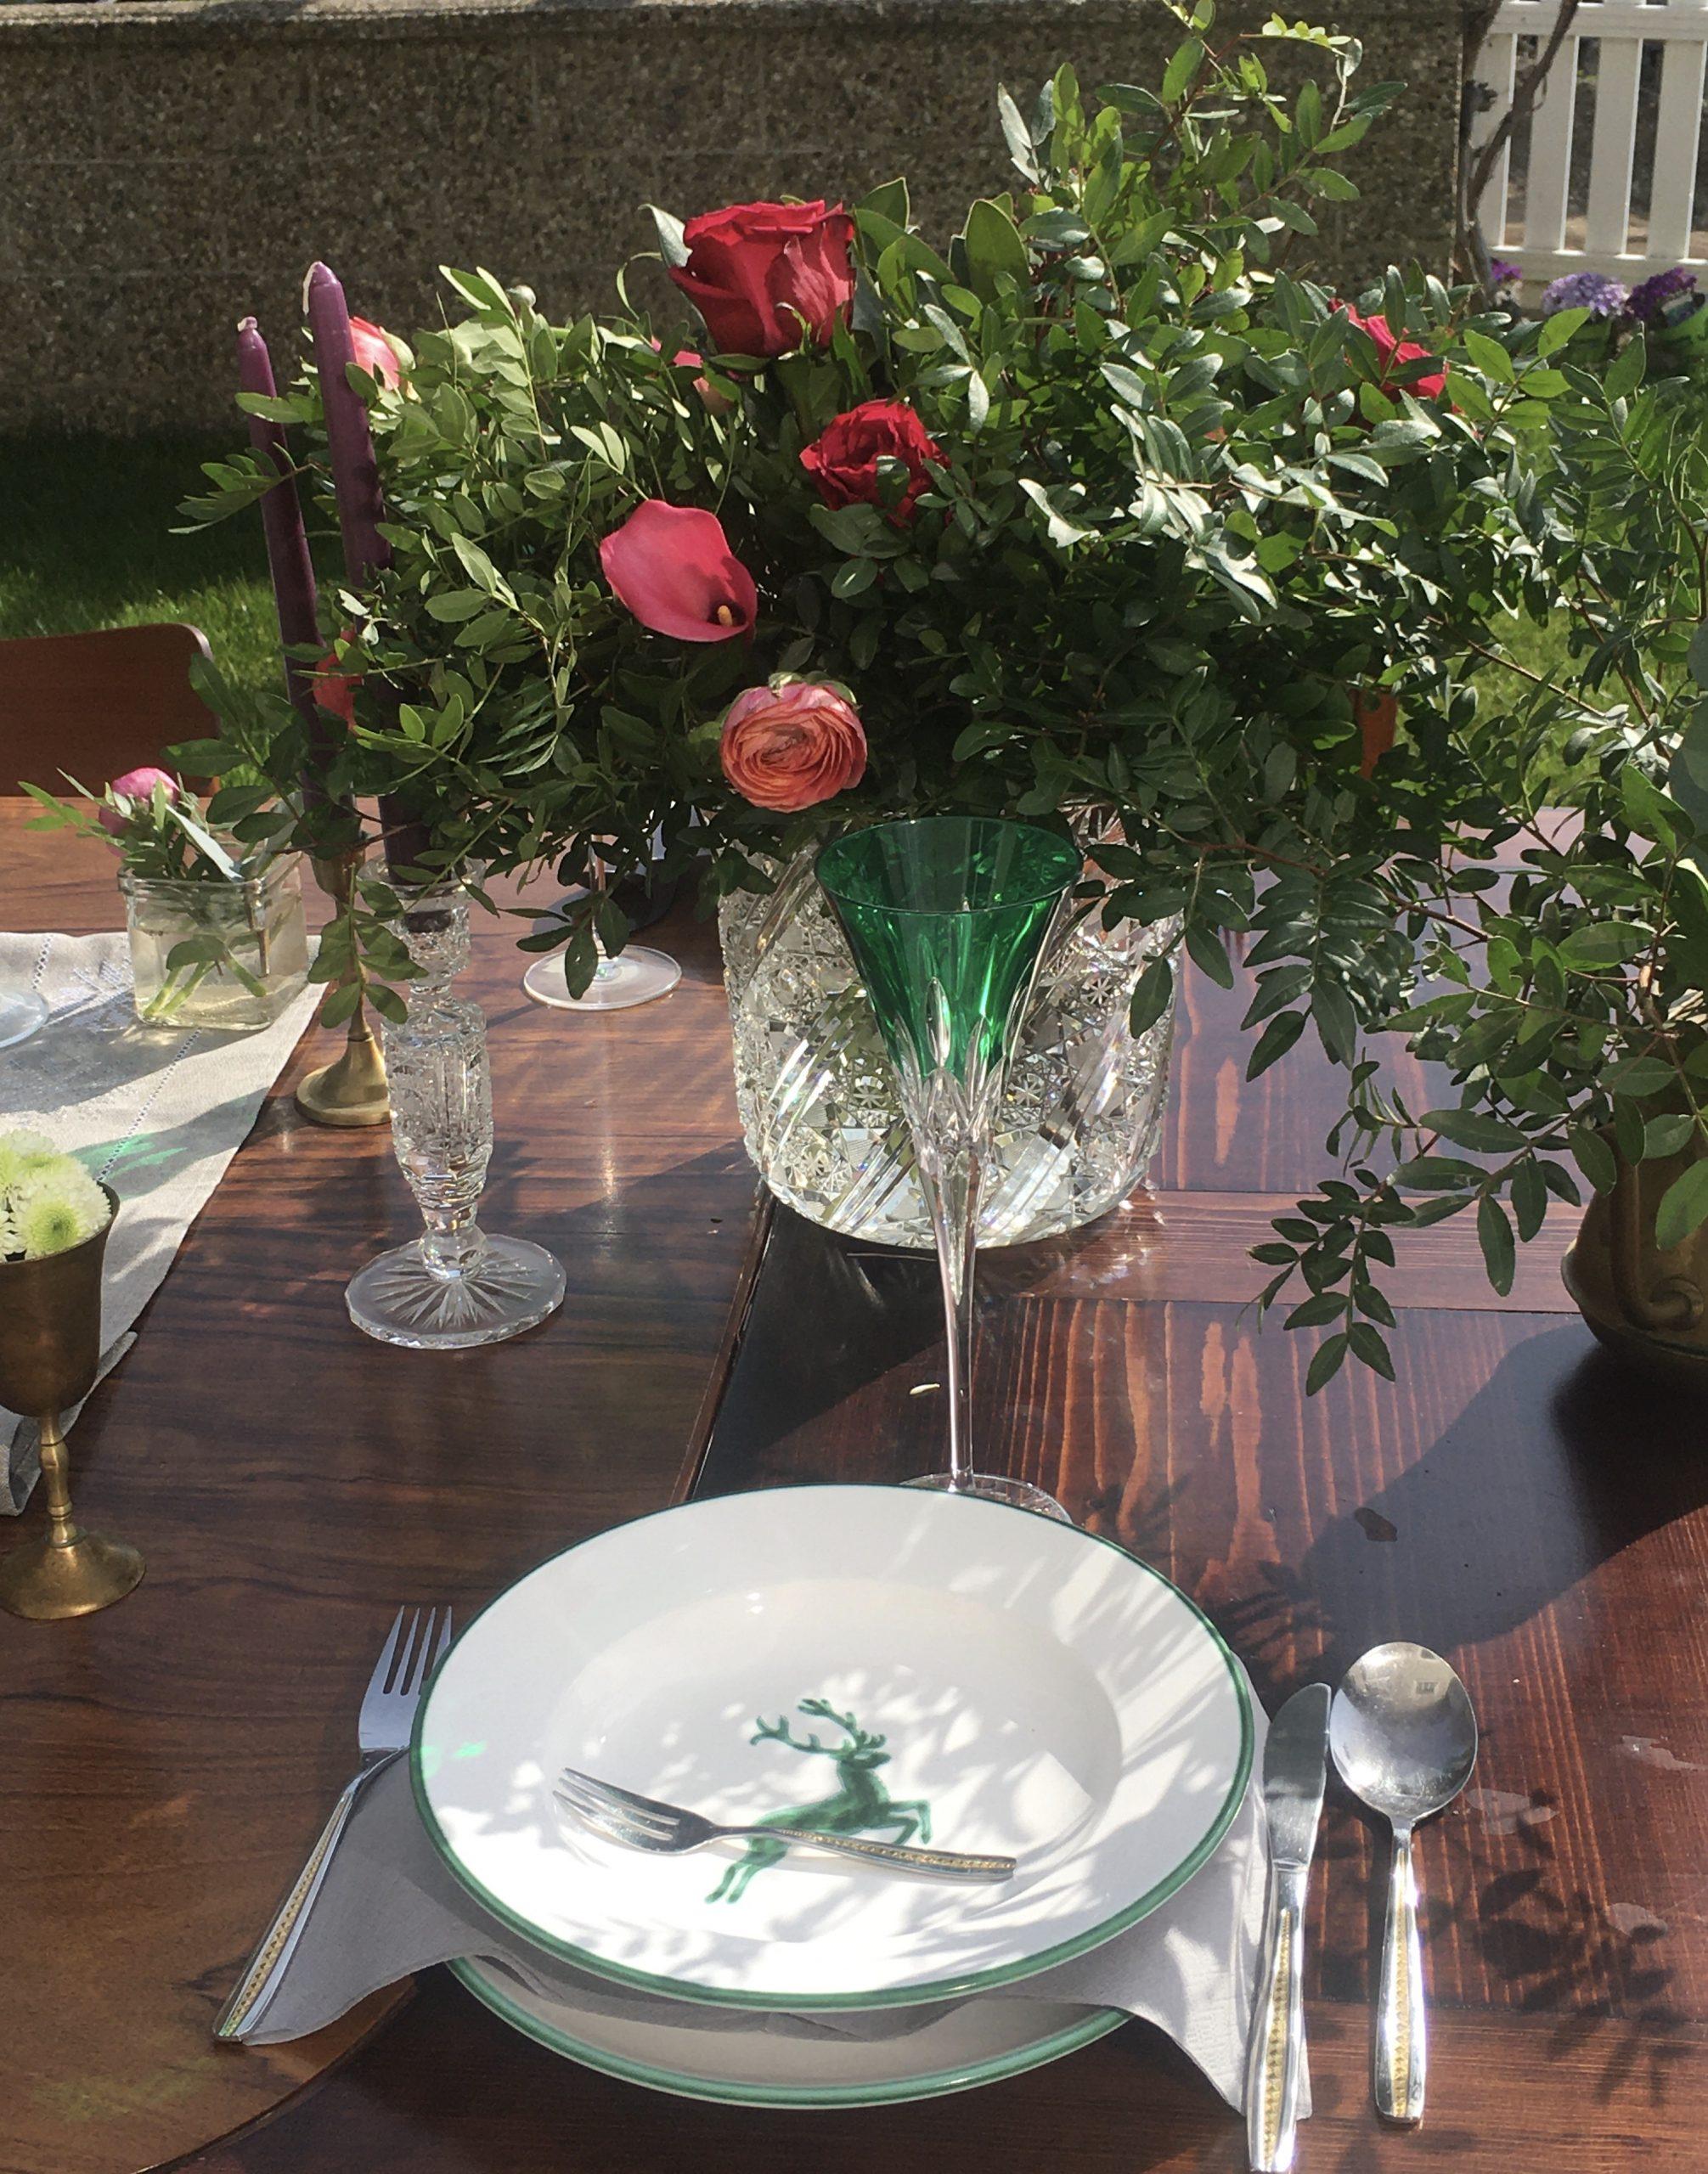 Zwei praktische Tisch-Deko Styles für eine gelungene Gartenparty